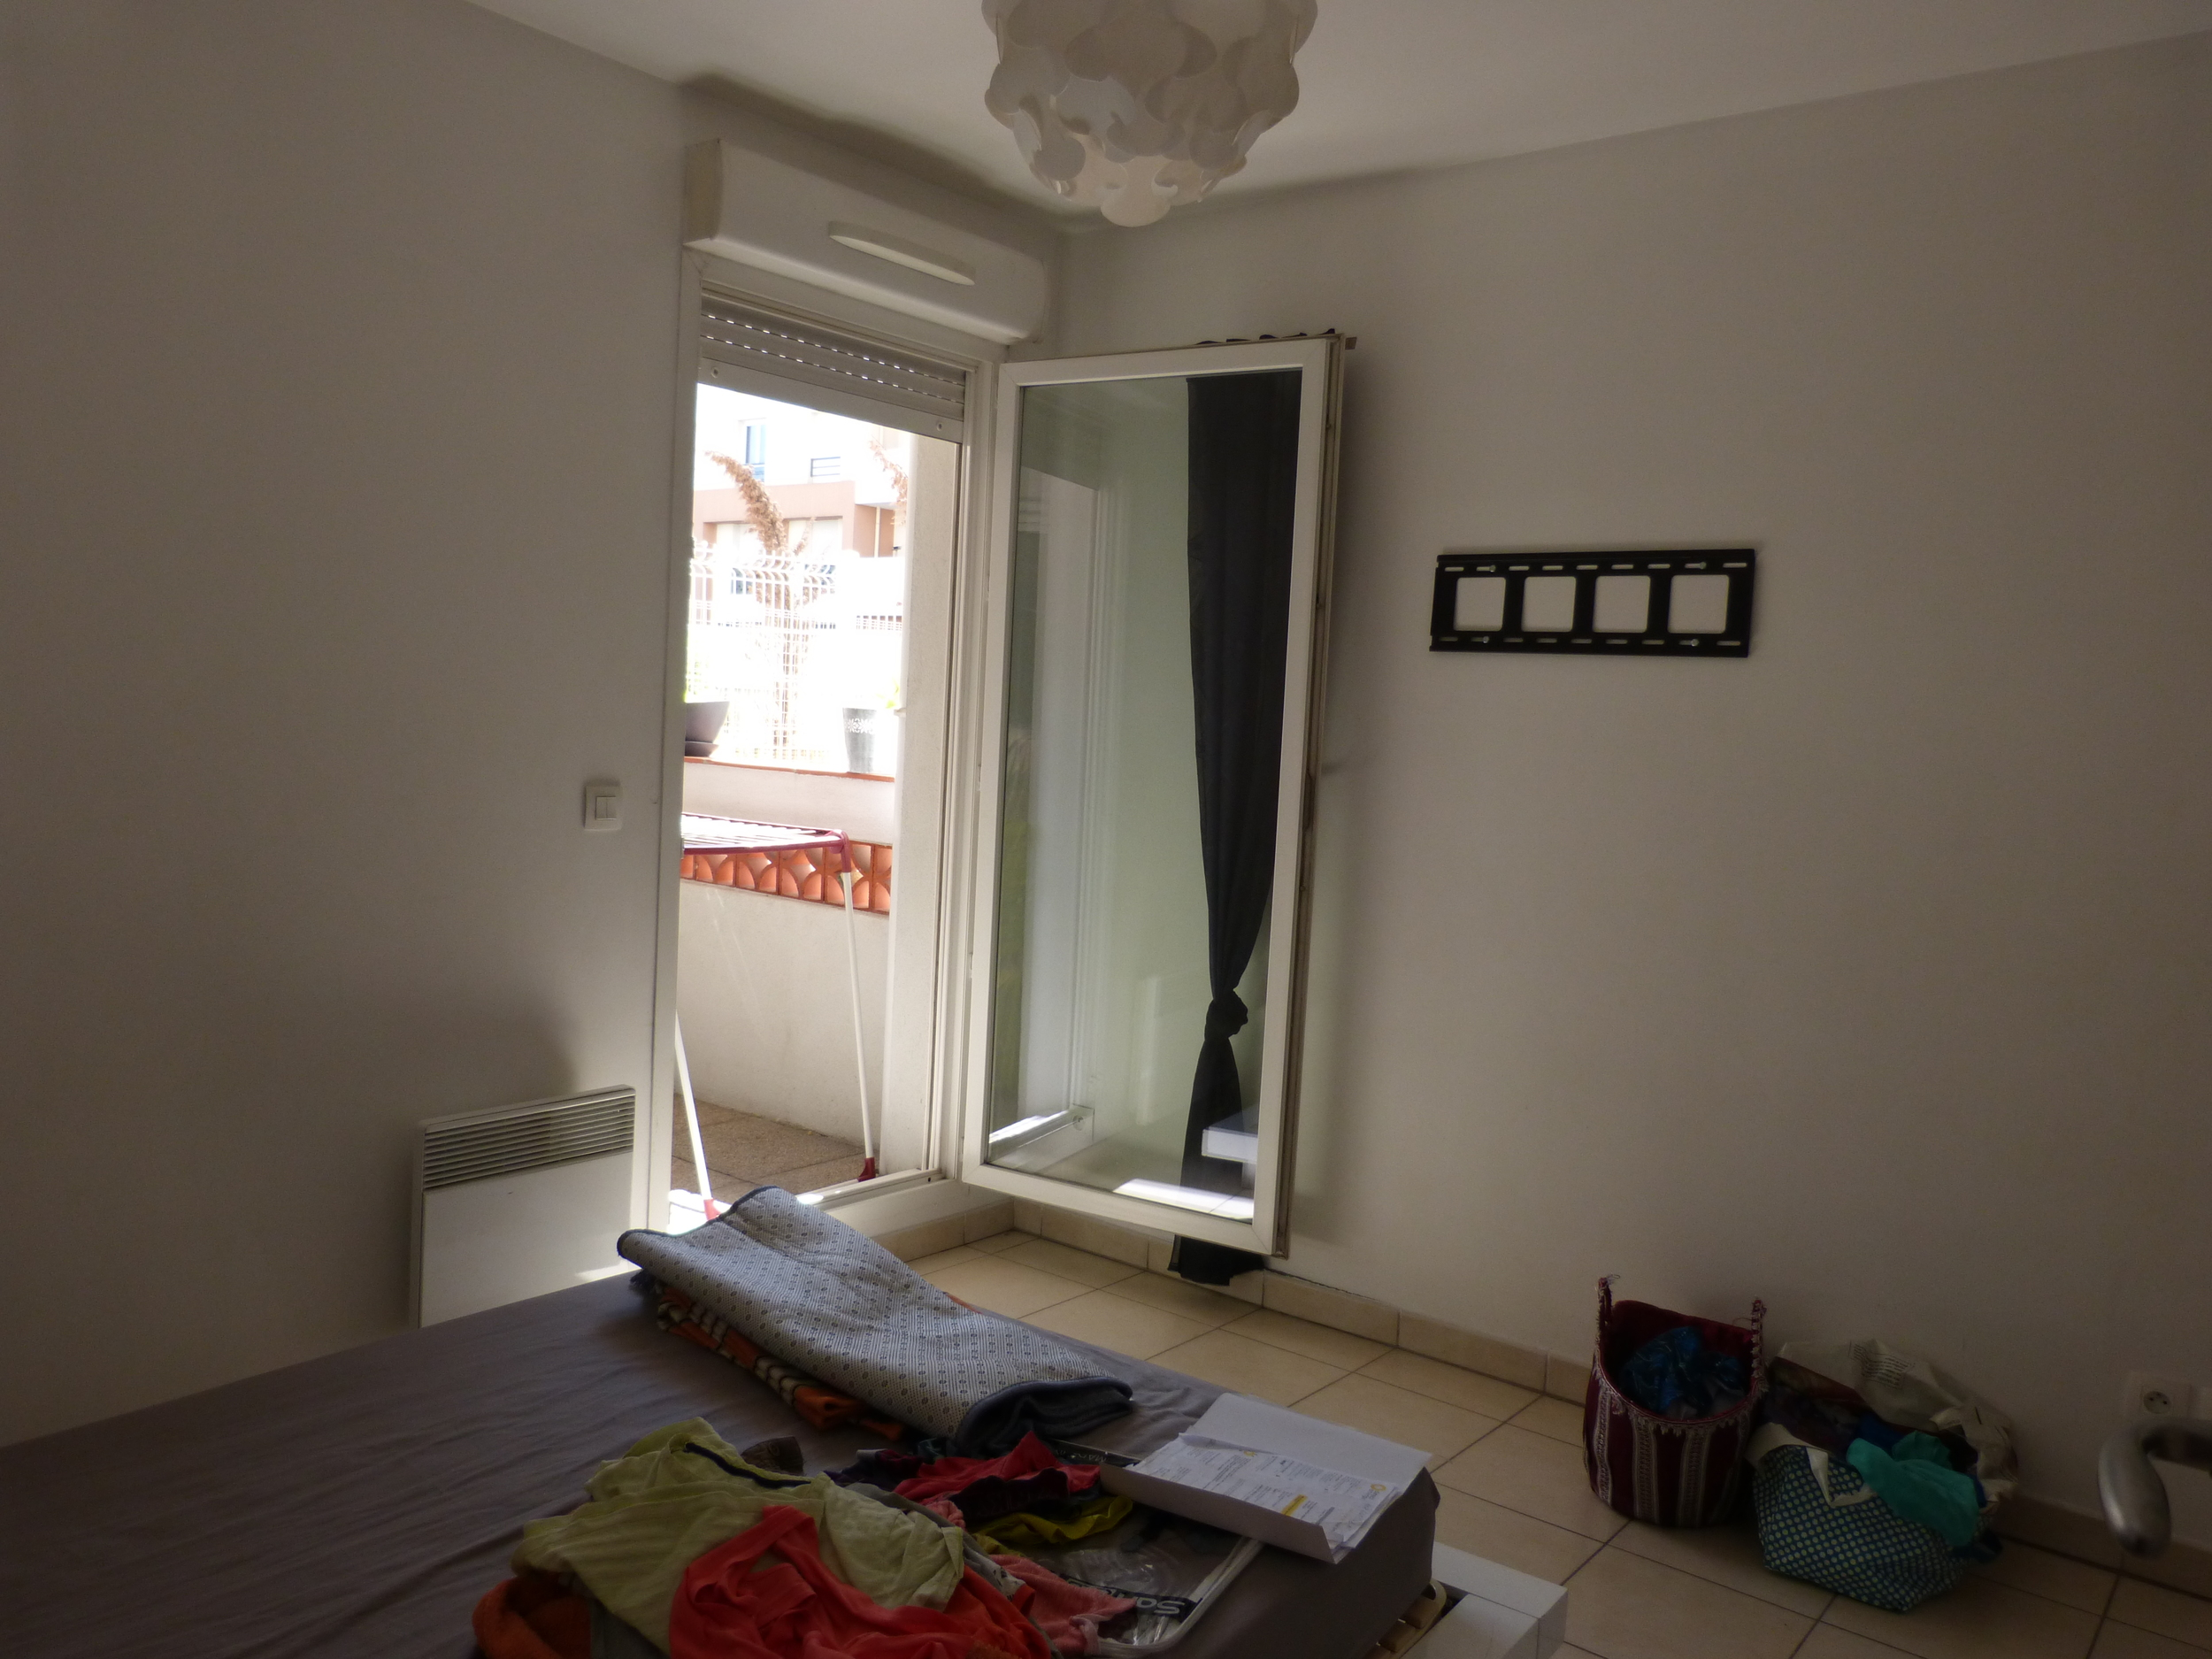 Annonce Vente Appartement Marseille 4 46 M 147 000 992738423462